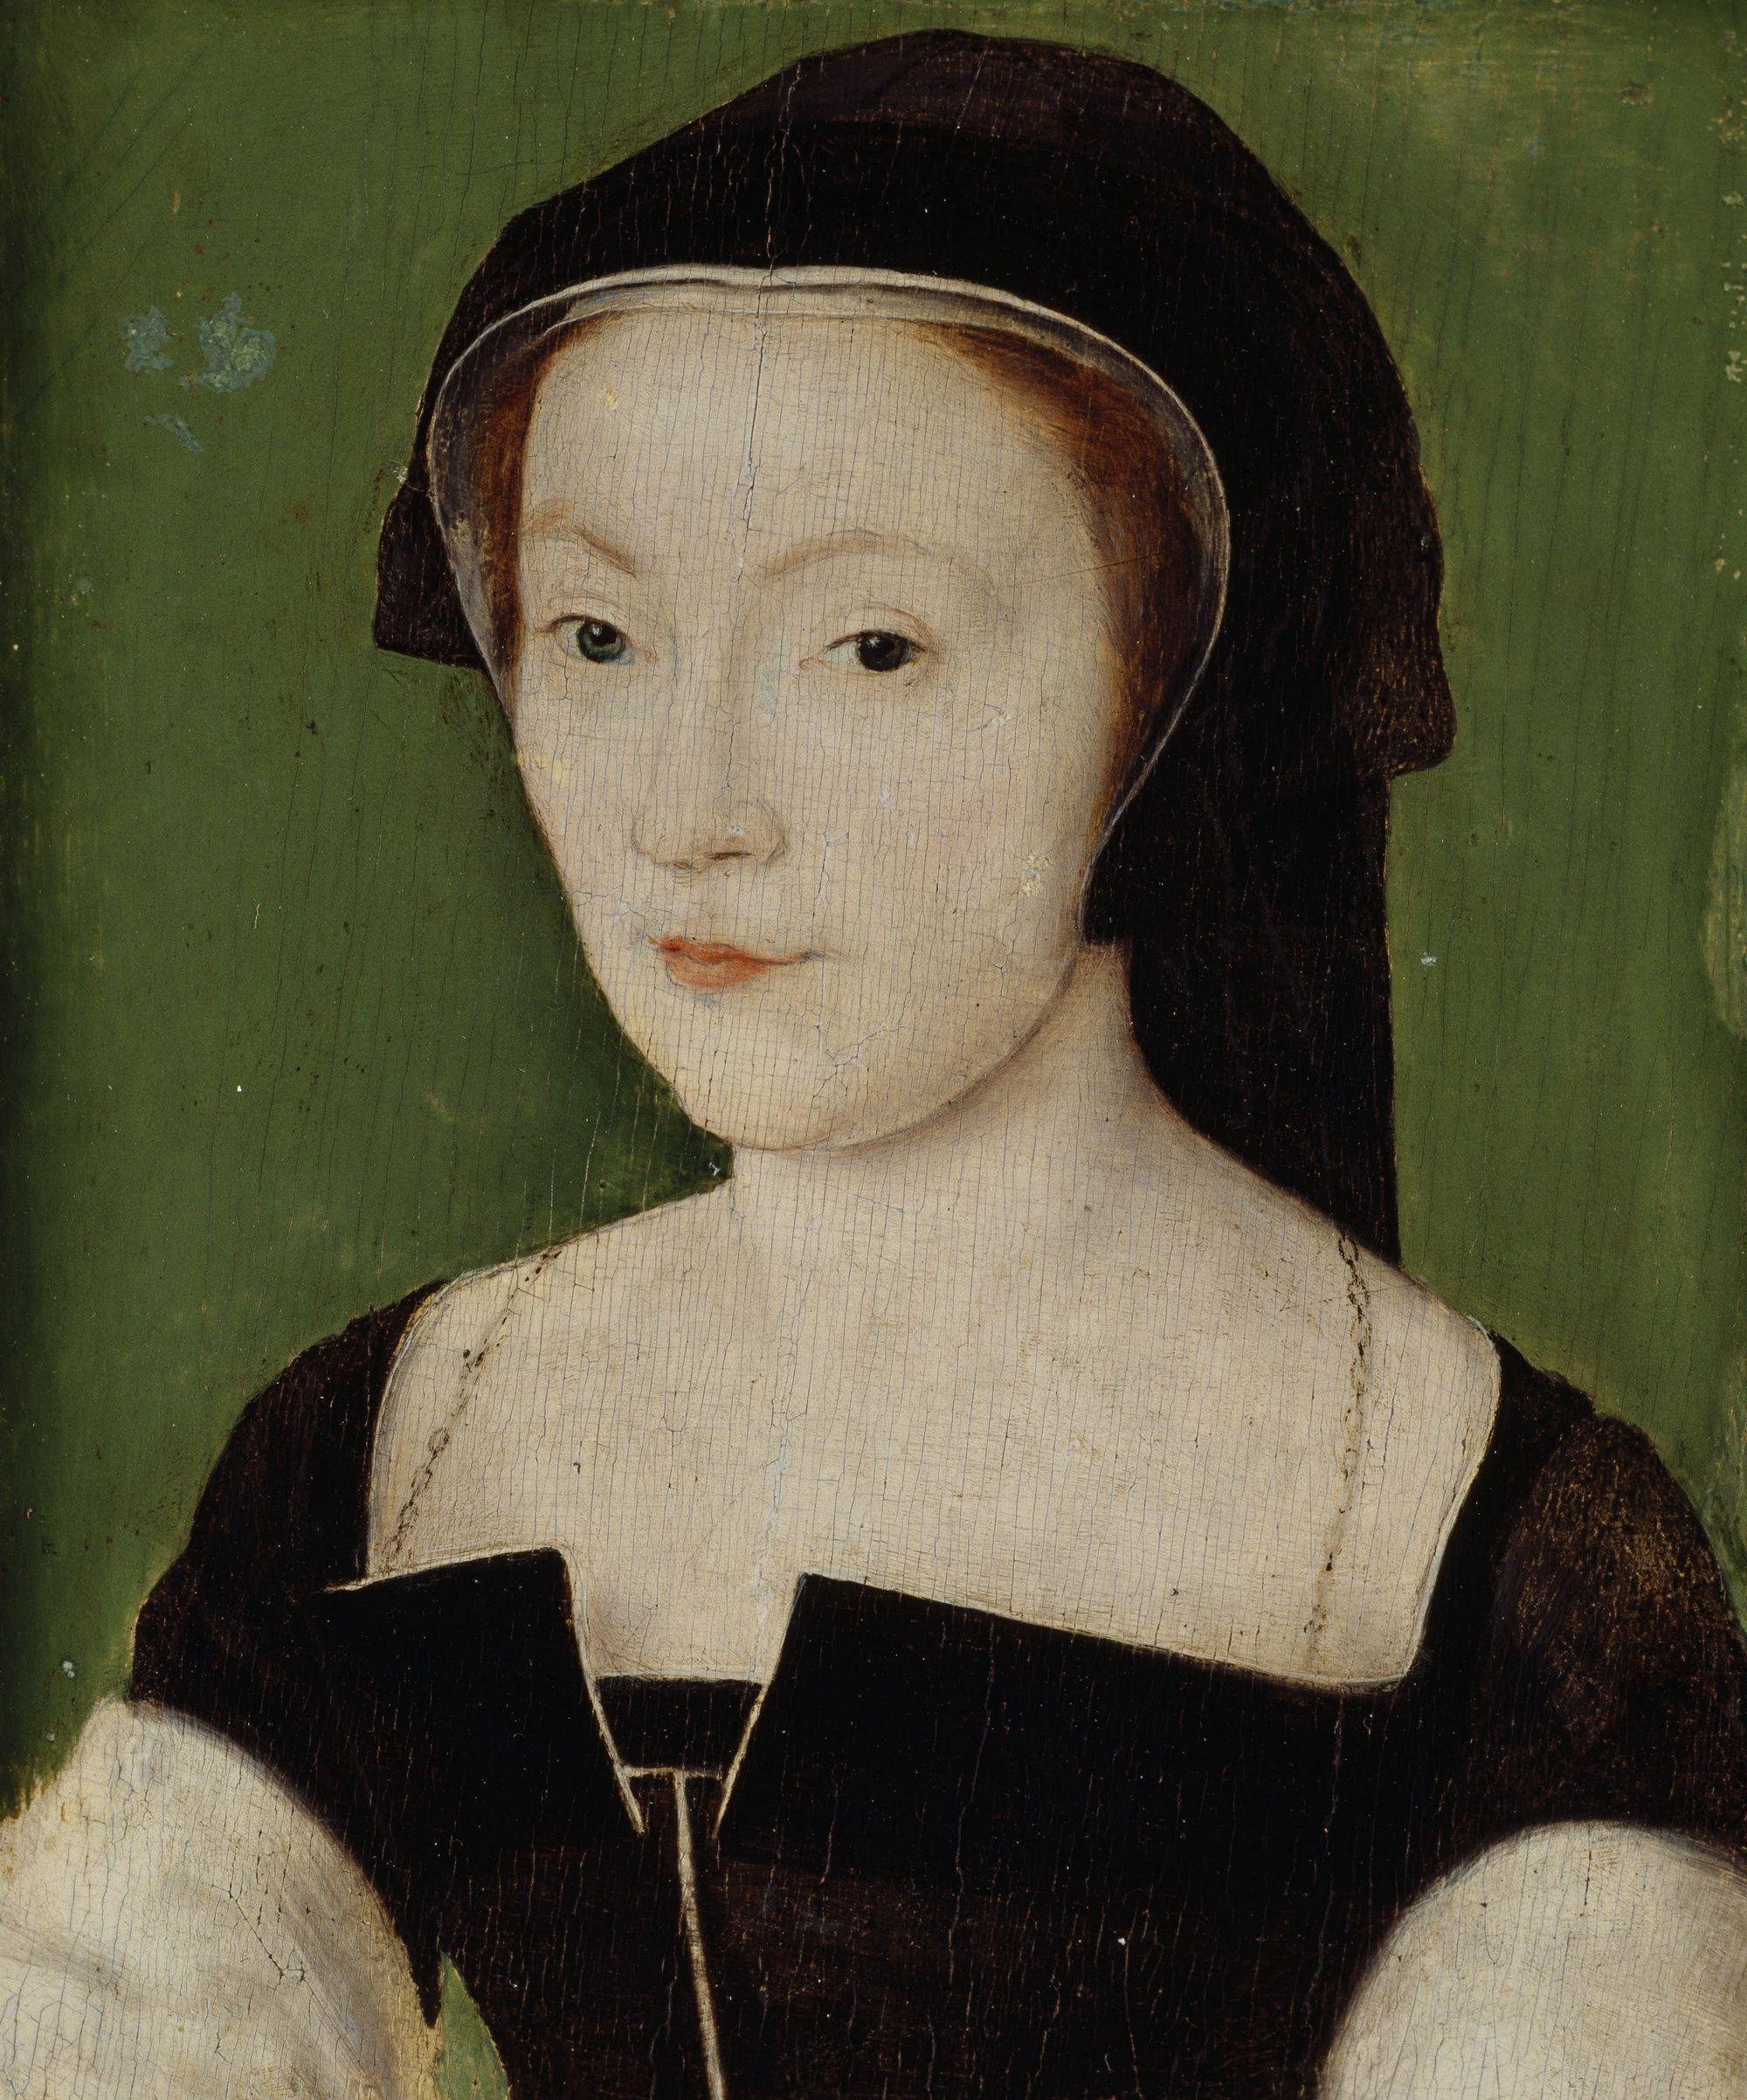 Piękna Maria de Guise zdążyła już wpaść w oko siostrzeńcowi Henryka. Zresztą los Anny Boleyn jakoś nie skłaniał do wyjścia za króla Anglii... Portret Marii pędzla Corneille'a de Lyon, wykonany ok. 1537 roku (źródło: domena publiczna).